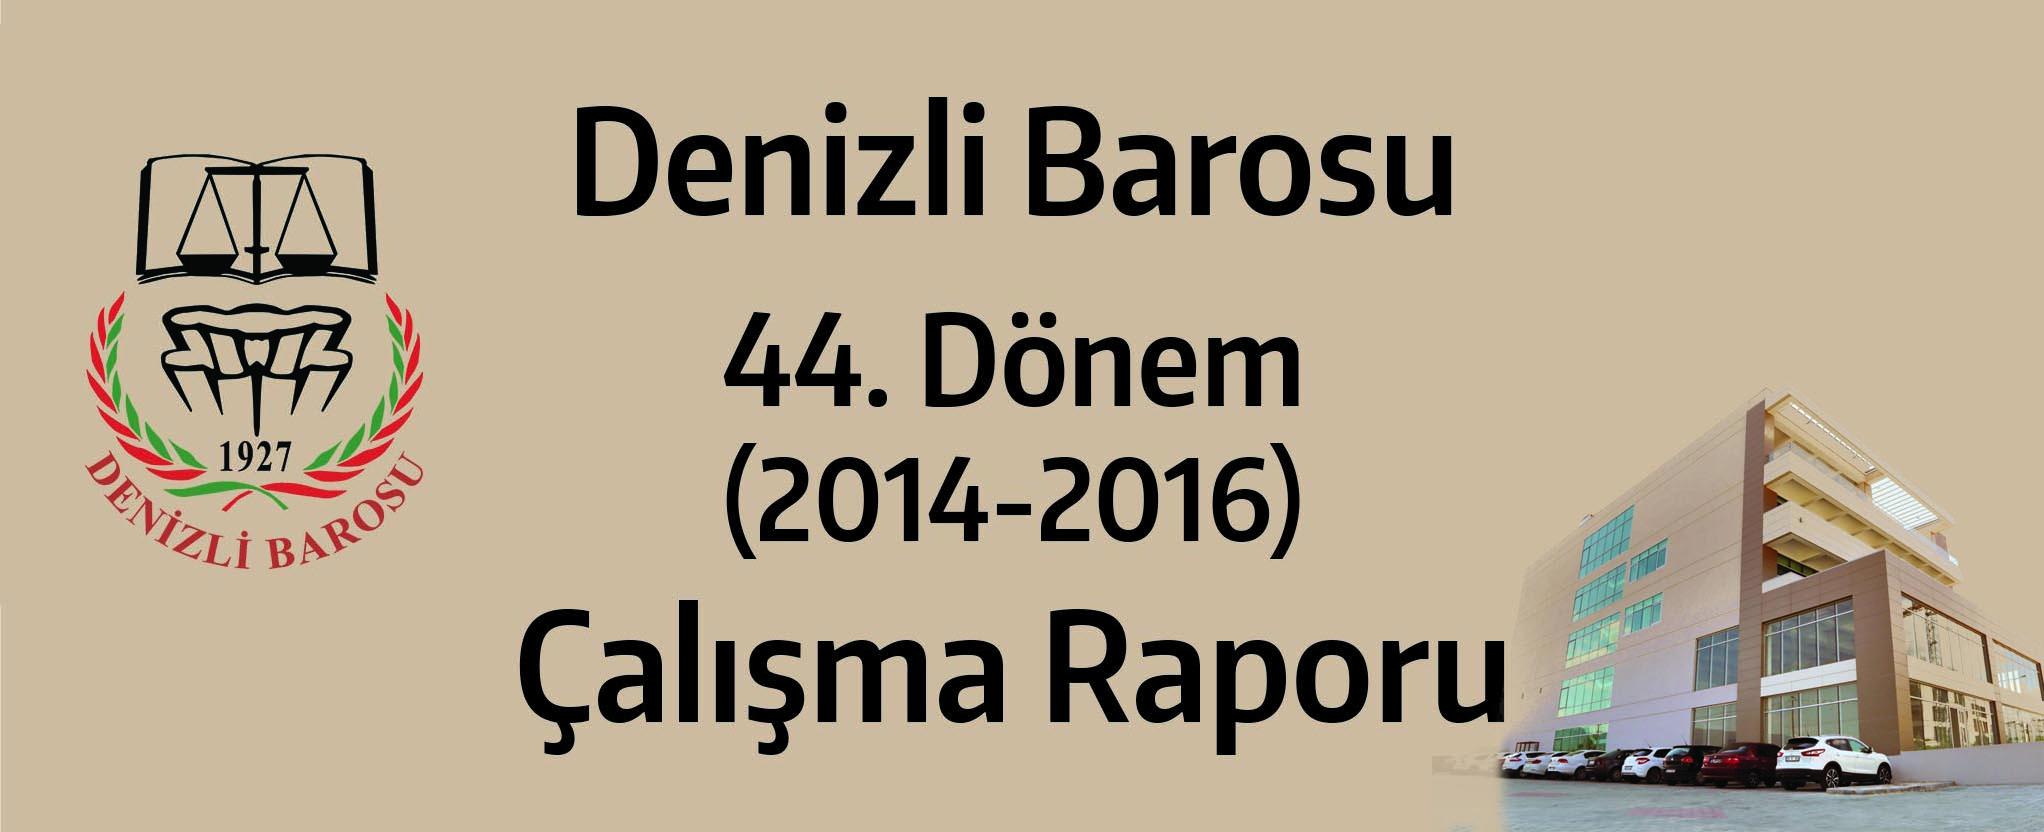 2014-2016 DÖNEMİ FAALİYET RAPORU